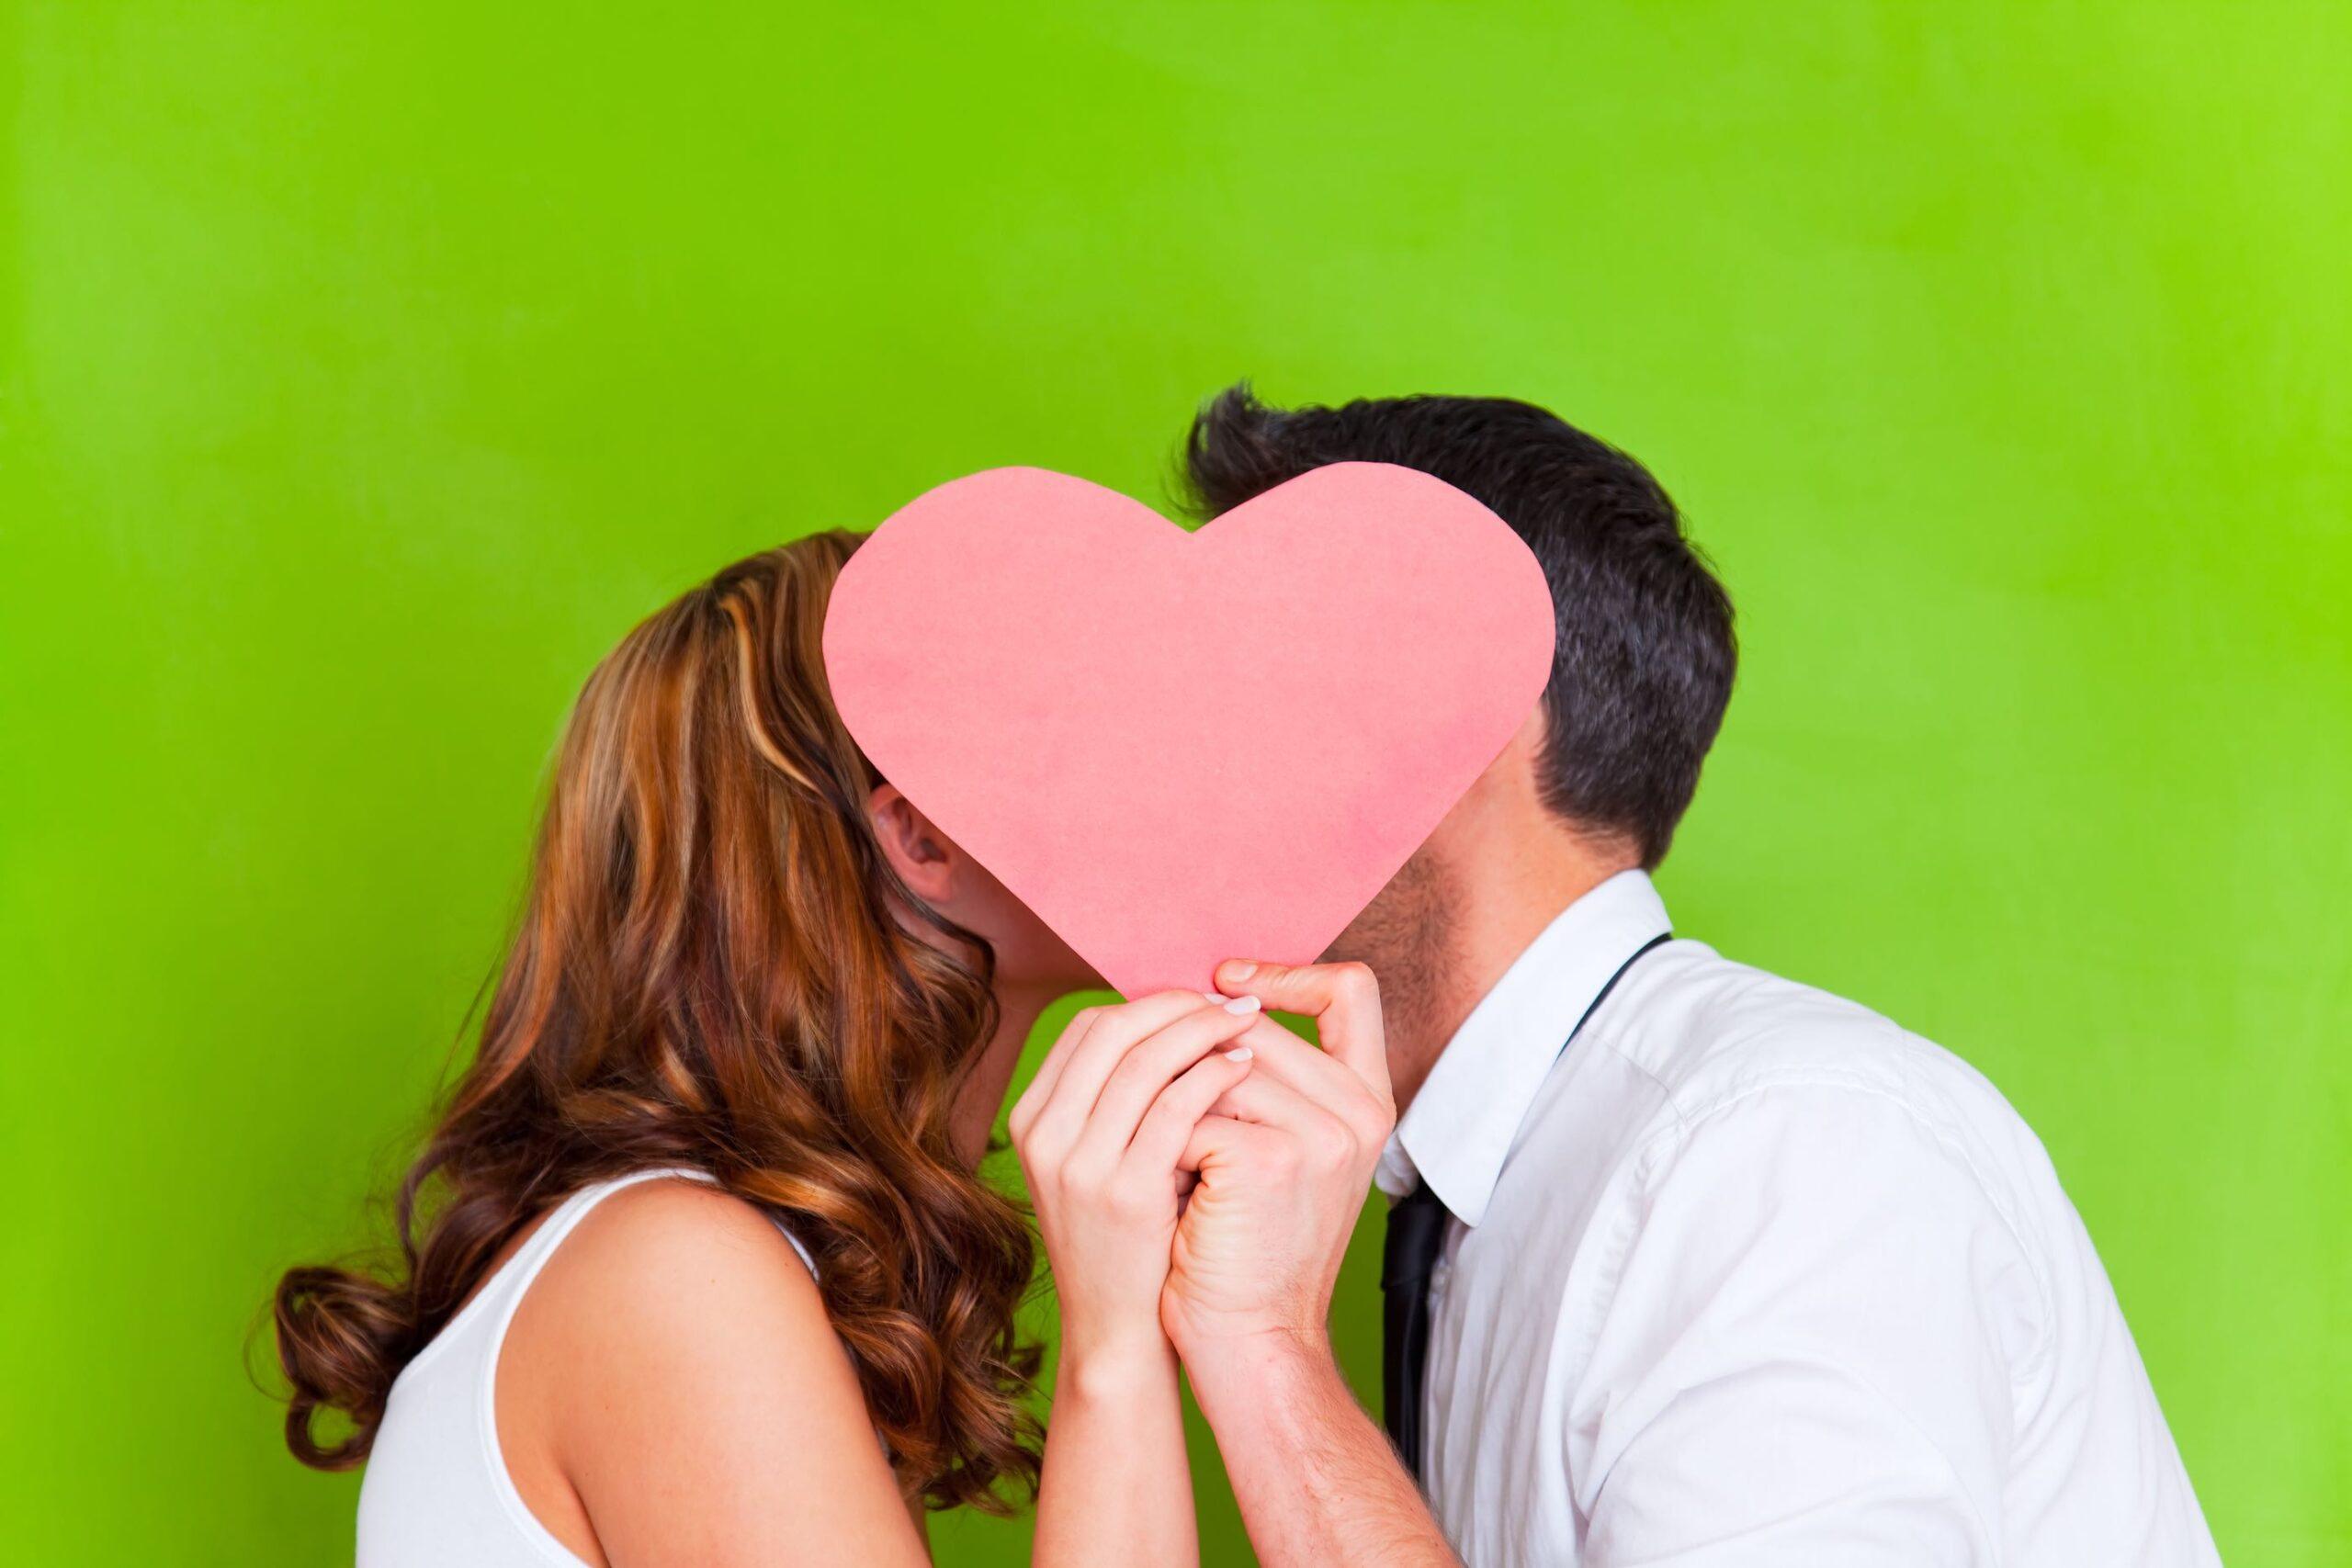 Enjoy Our Tee-rific Valentine's Day Deals! 😍